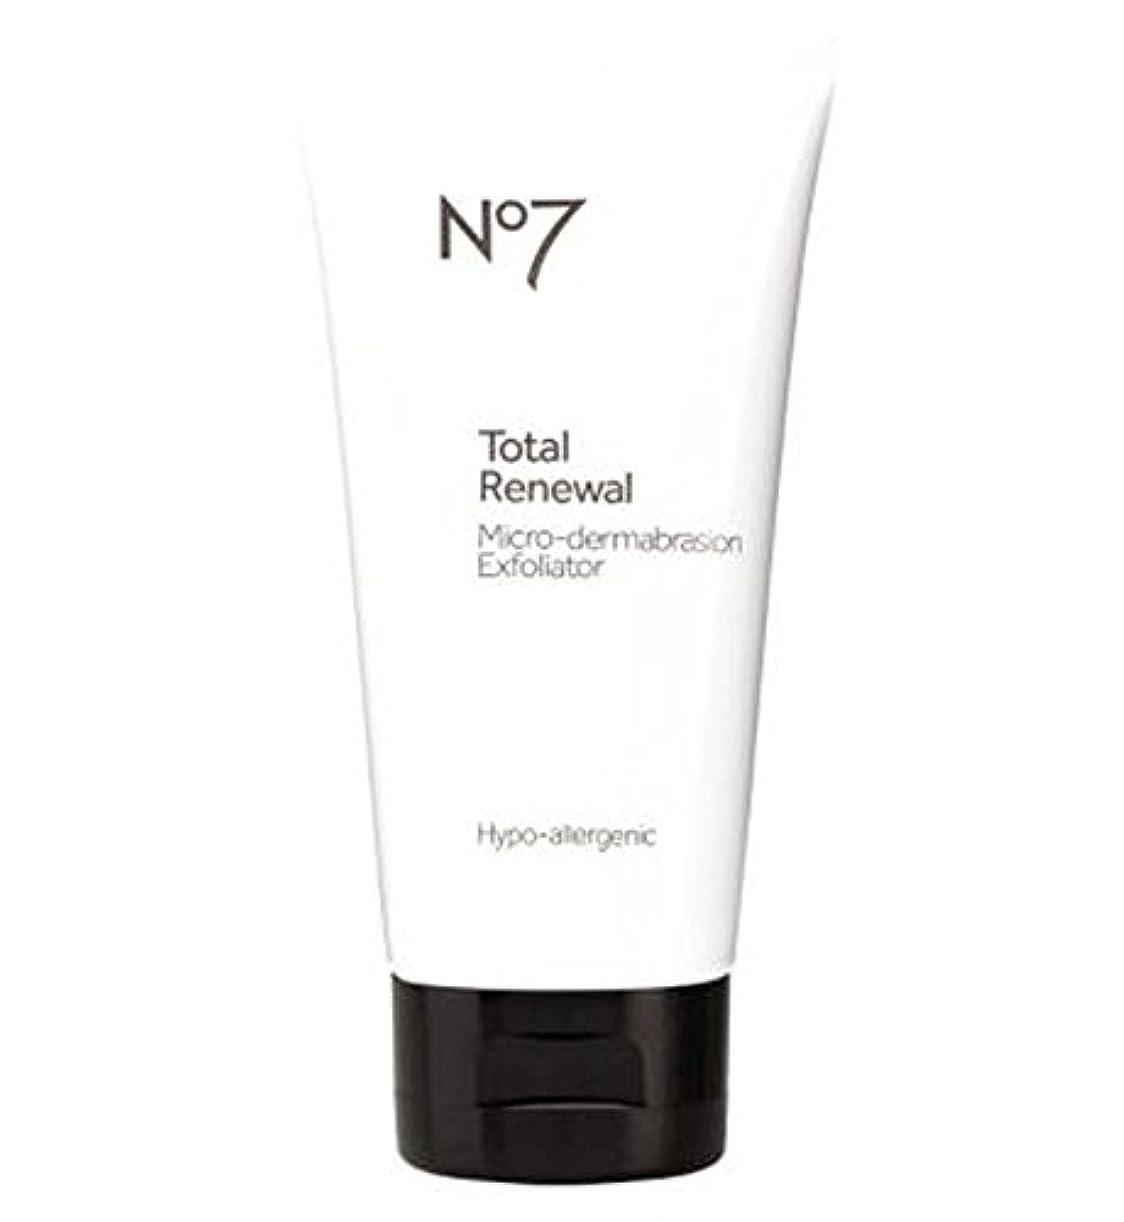 事強化盗難No7 Total Renewal Micro-dermabrasion Face Exfoliator - No7総リニューアルマイクロ皮膚剥離面エクスフォリエーター (No7) [並行輸入品]